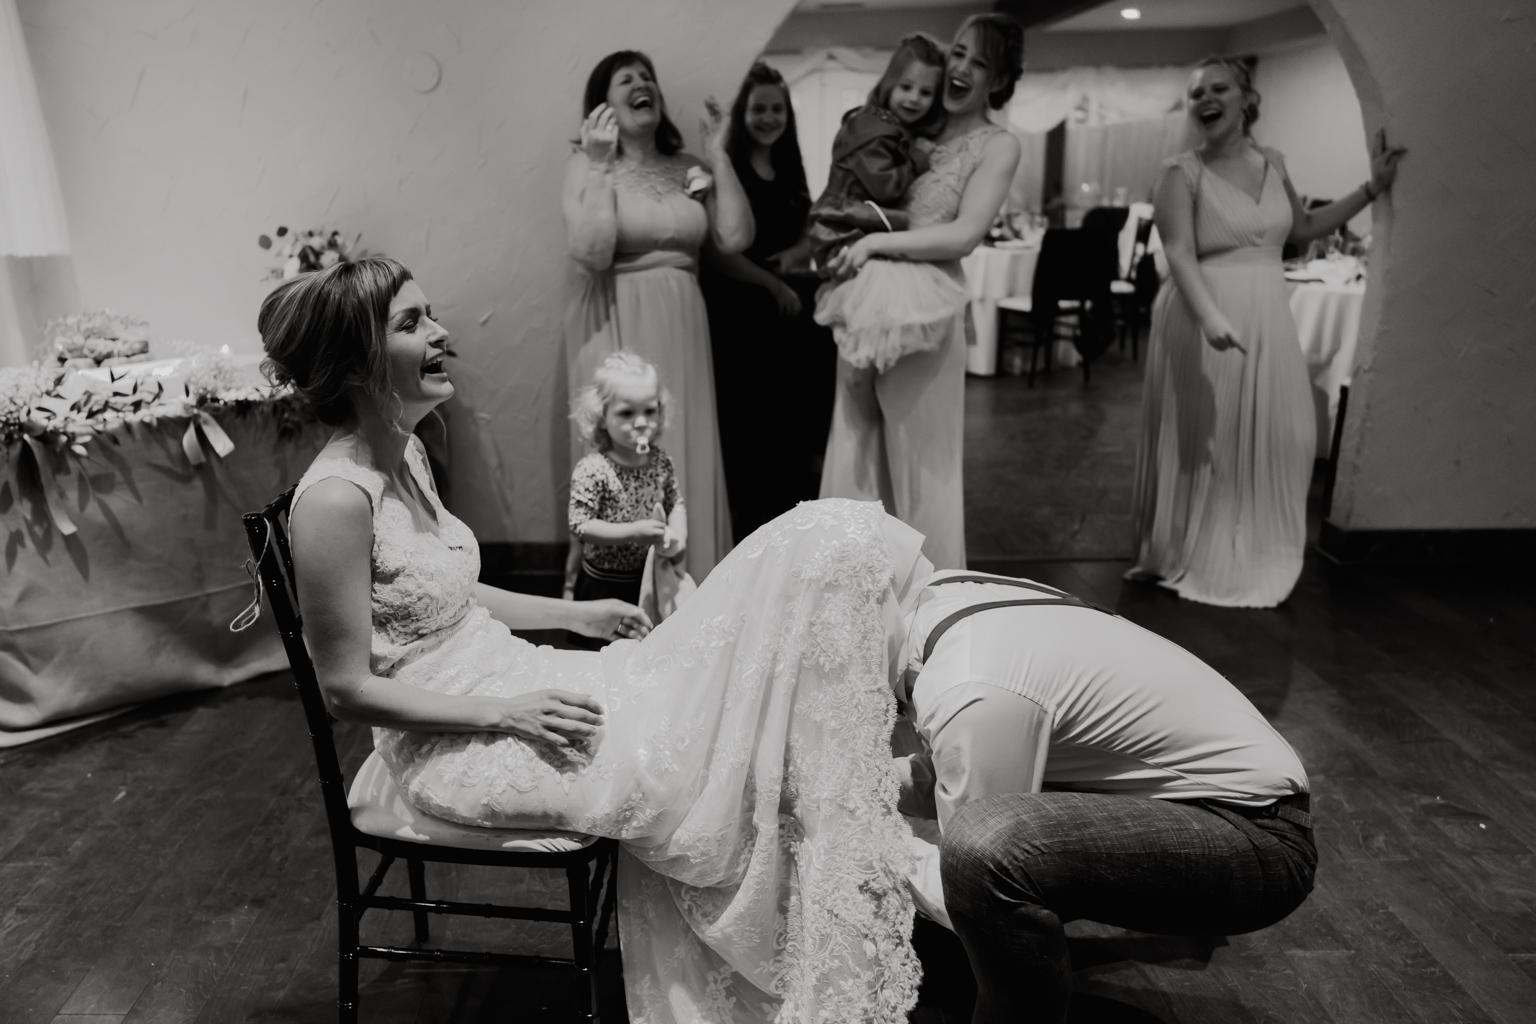 trouweninhetbuitenland_huwelijksfotografie_roxannedankers-62.jpg